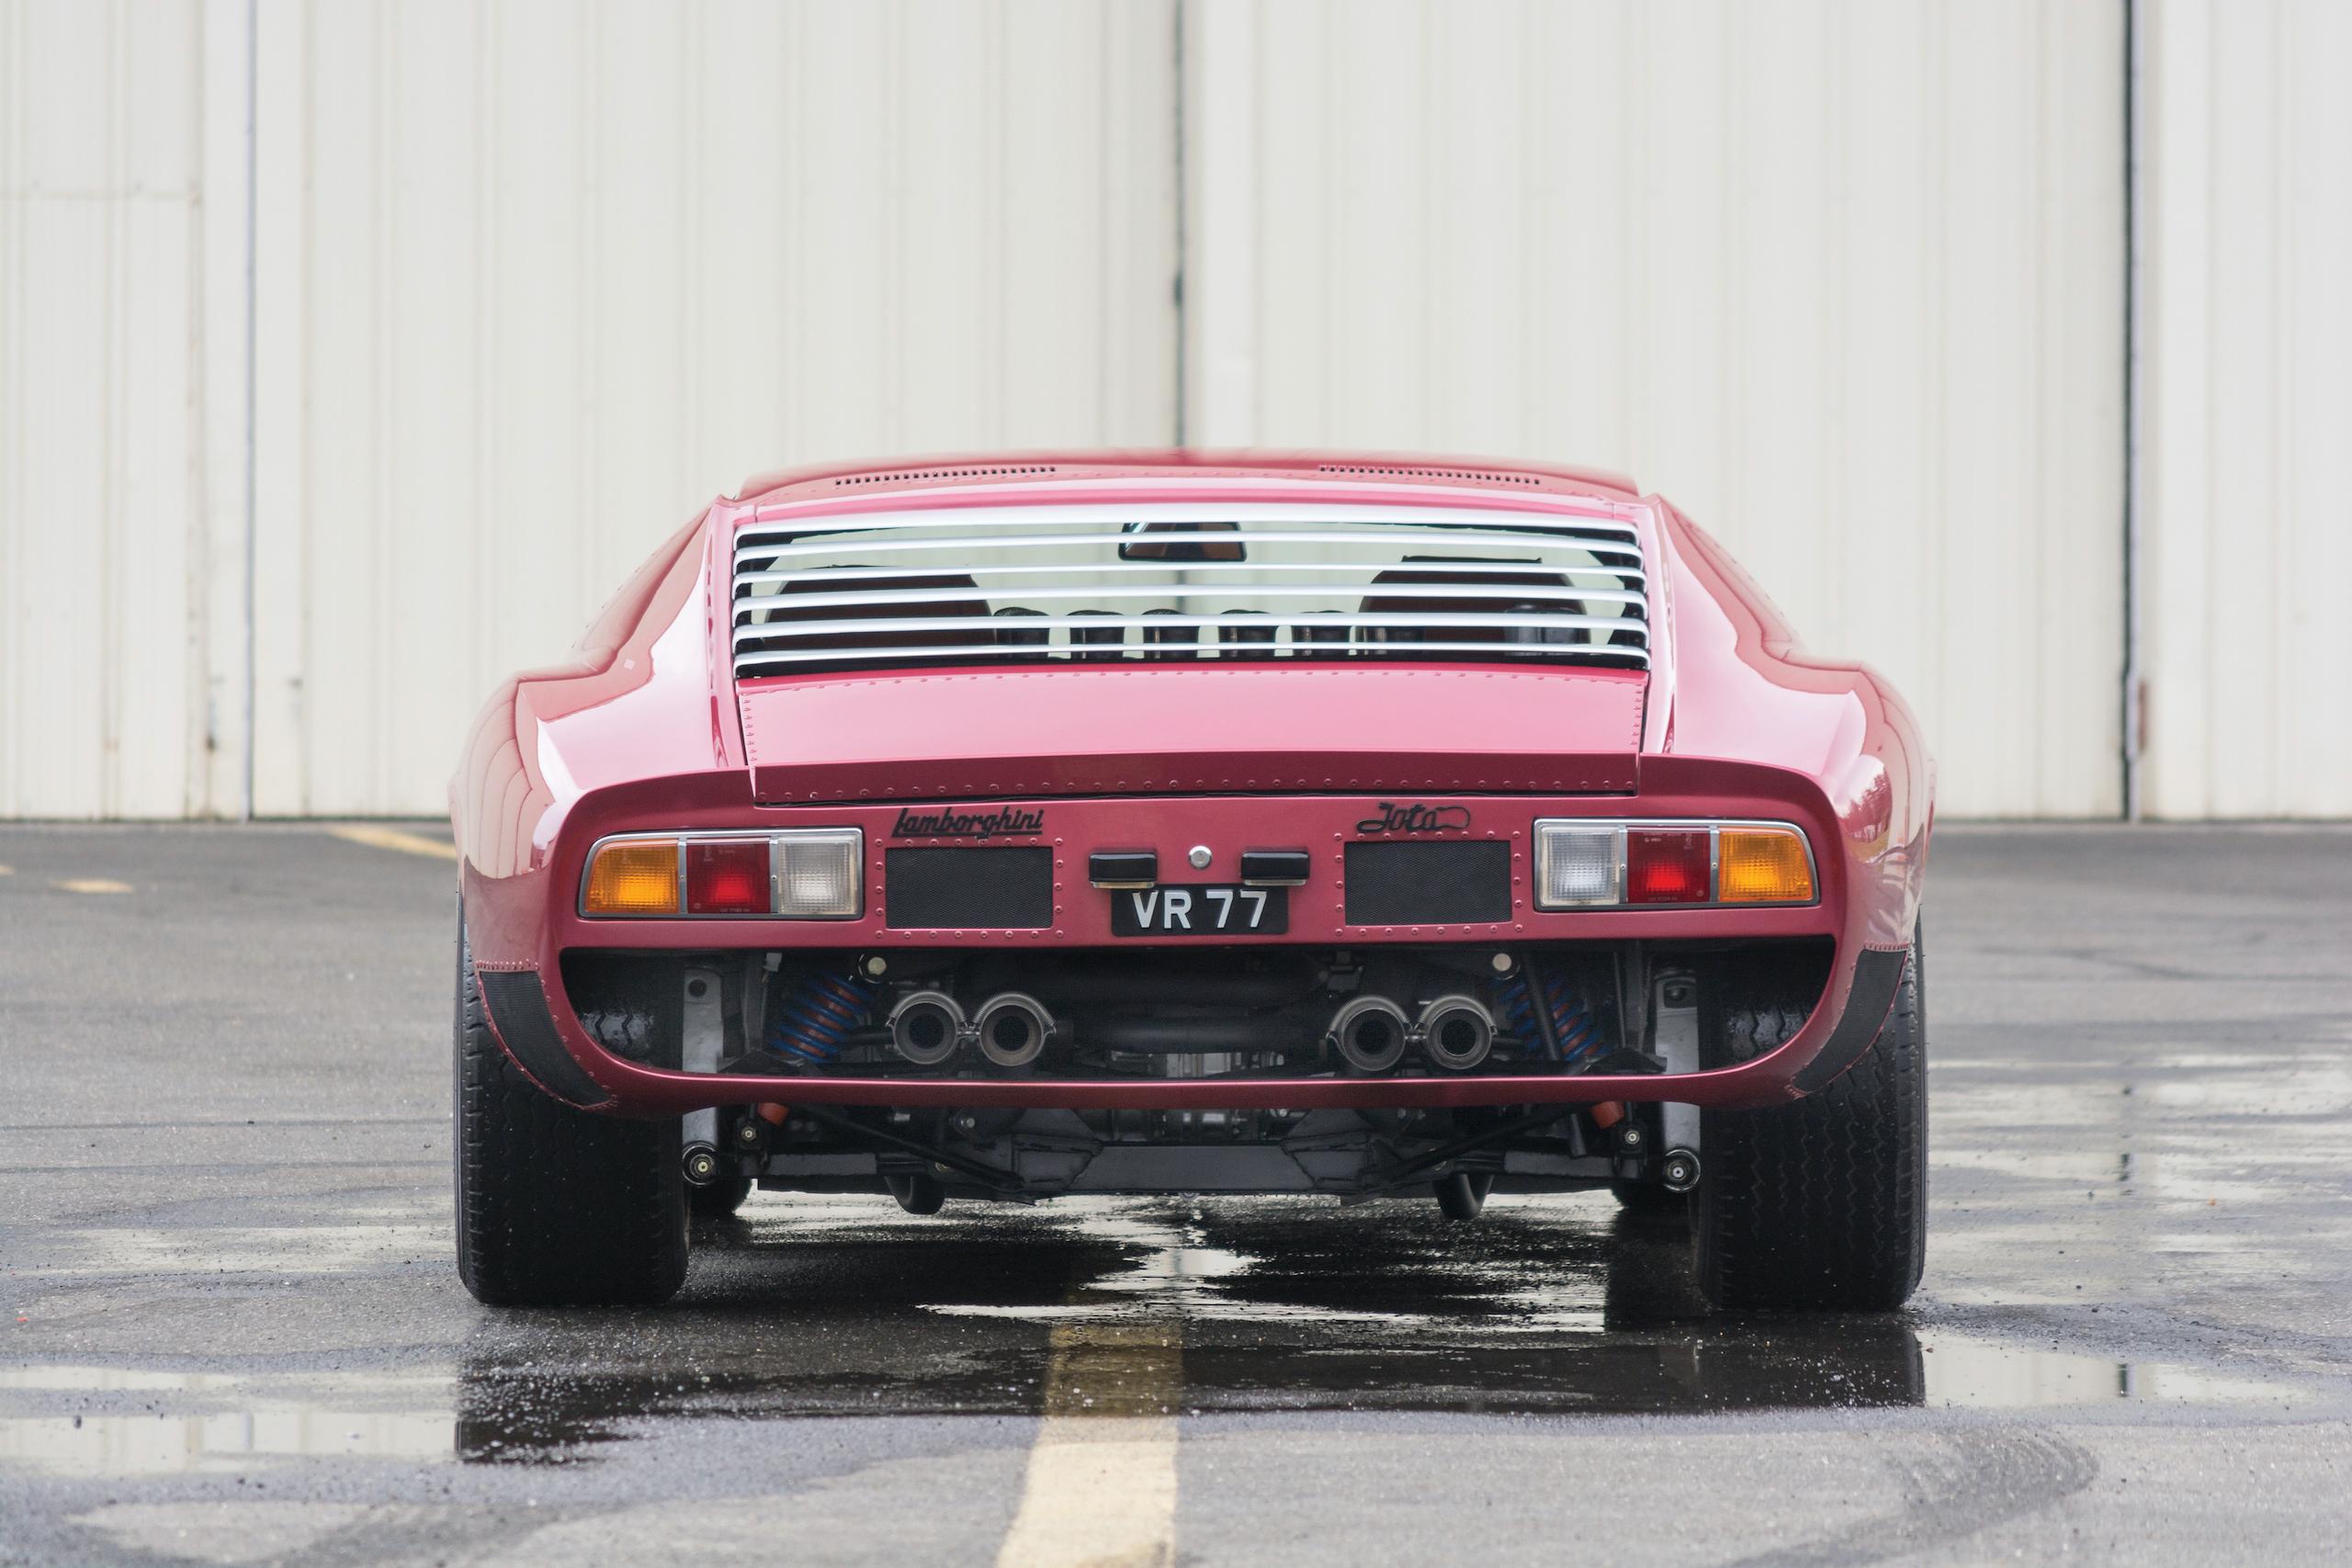 1971 Lamborghini Miura SVJ by Bertone rear